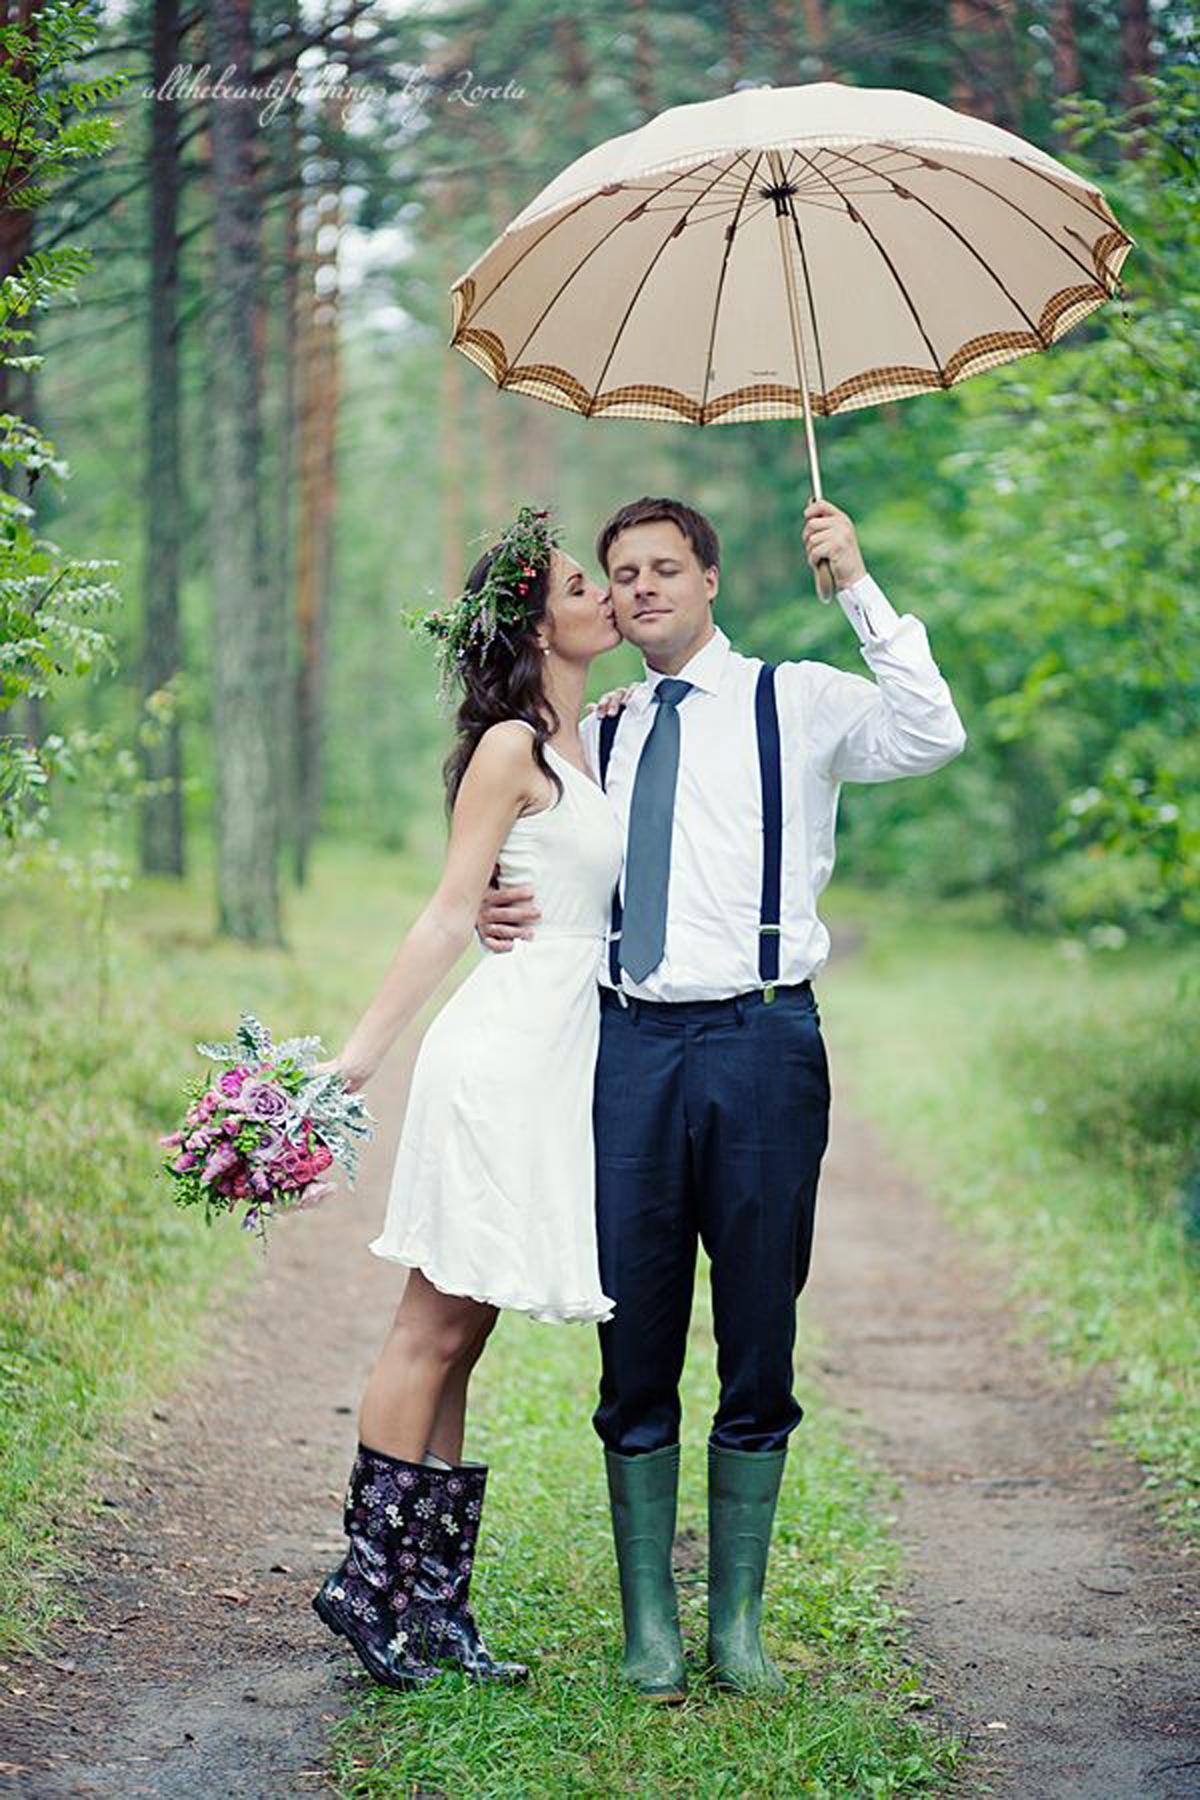 Consejos-para-una-boda-con-lluvia-29